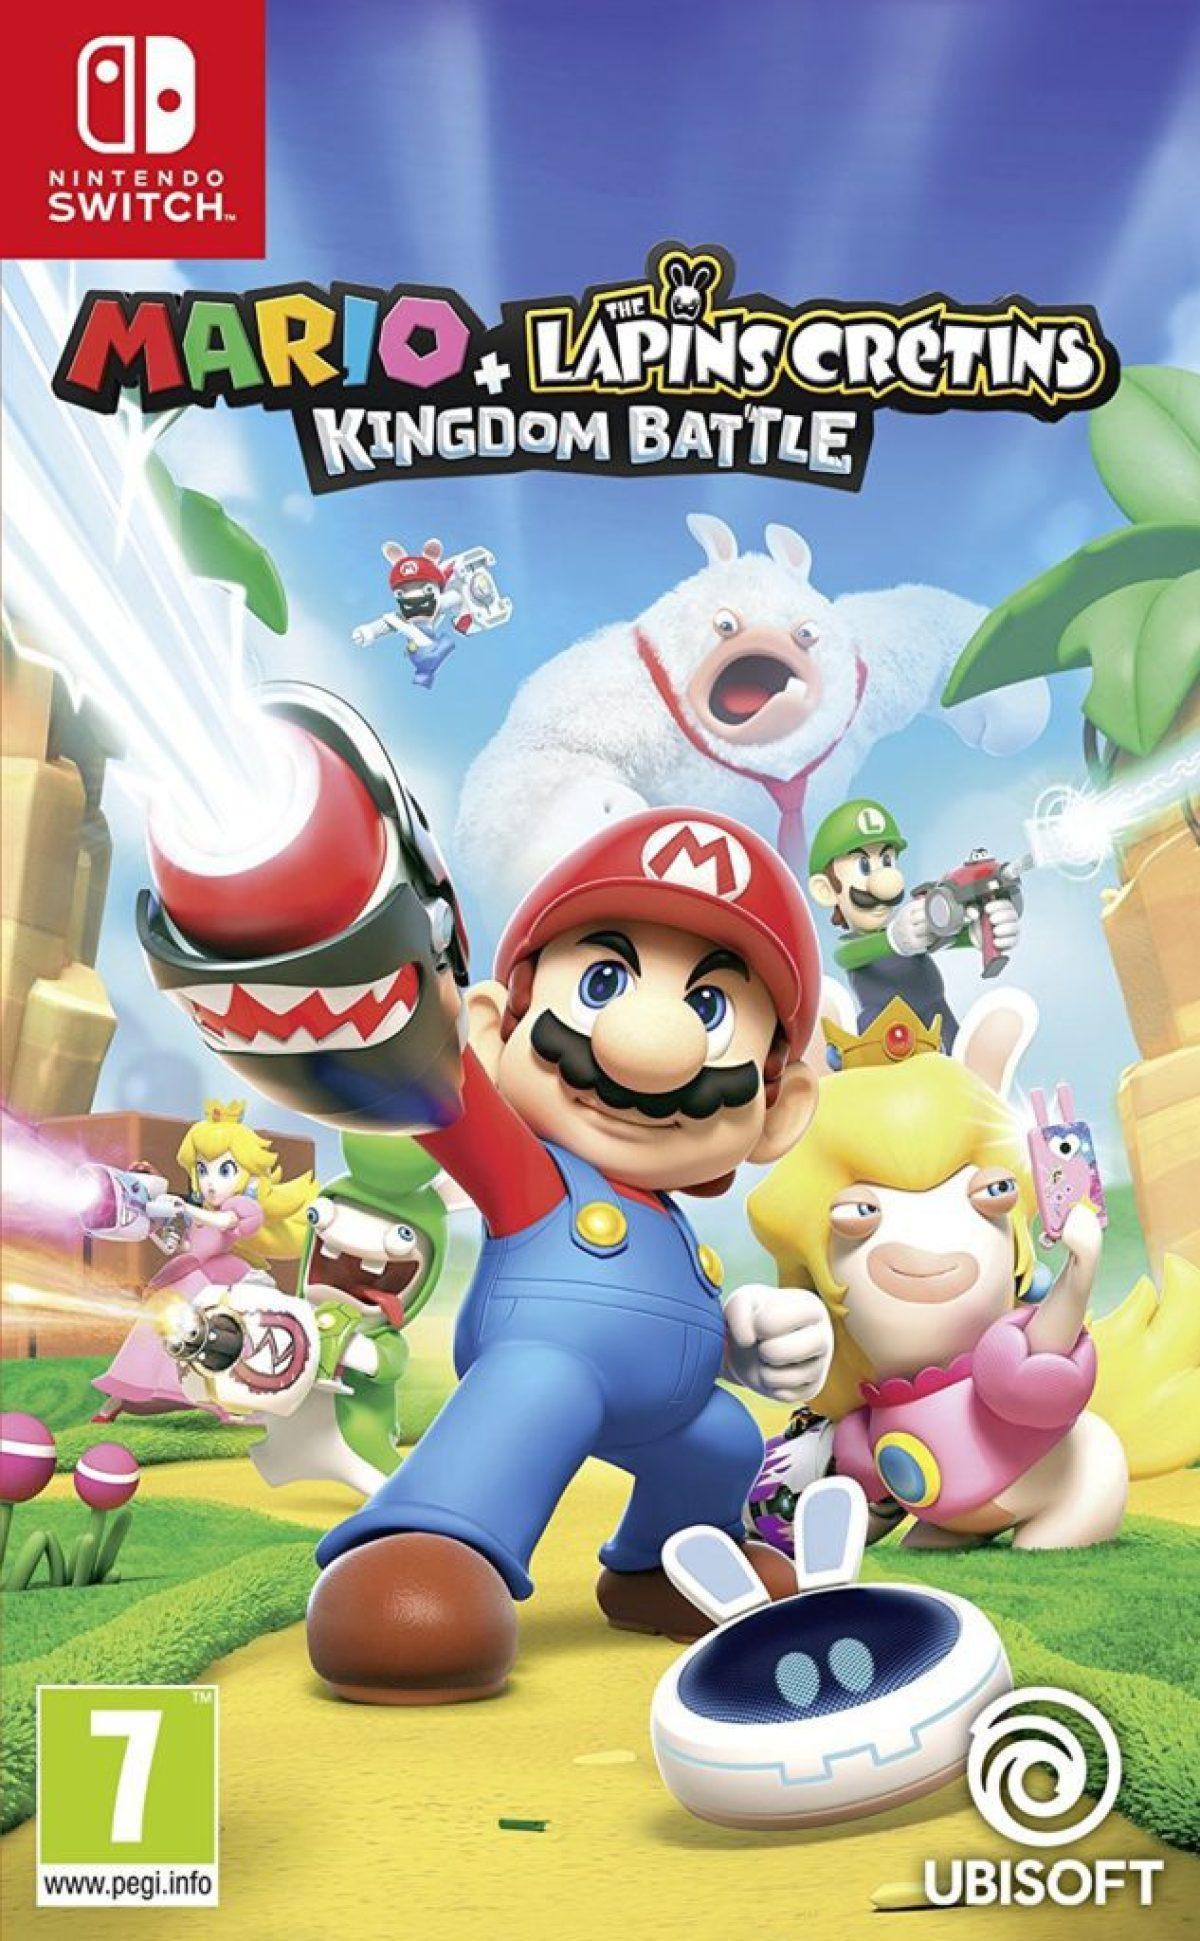 Mario + Lapins crétins Kingdom battle à 44€99